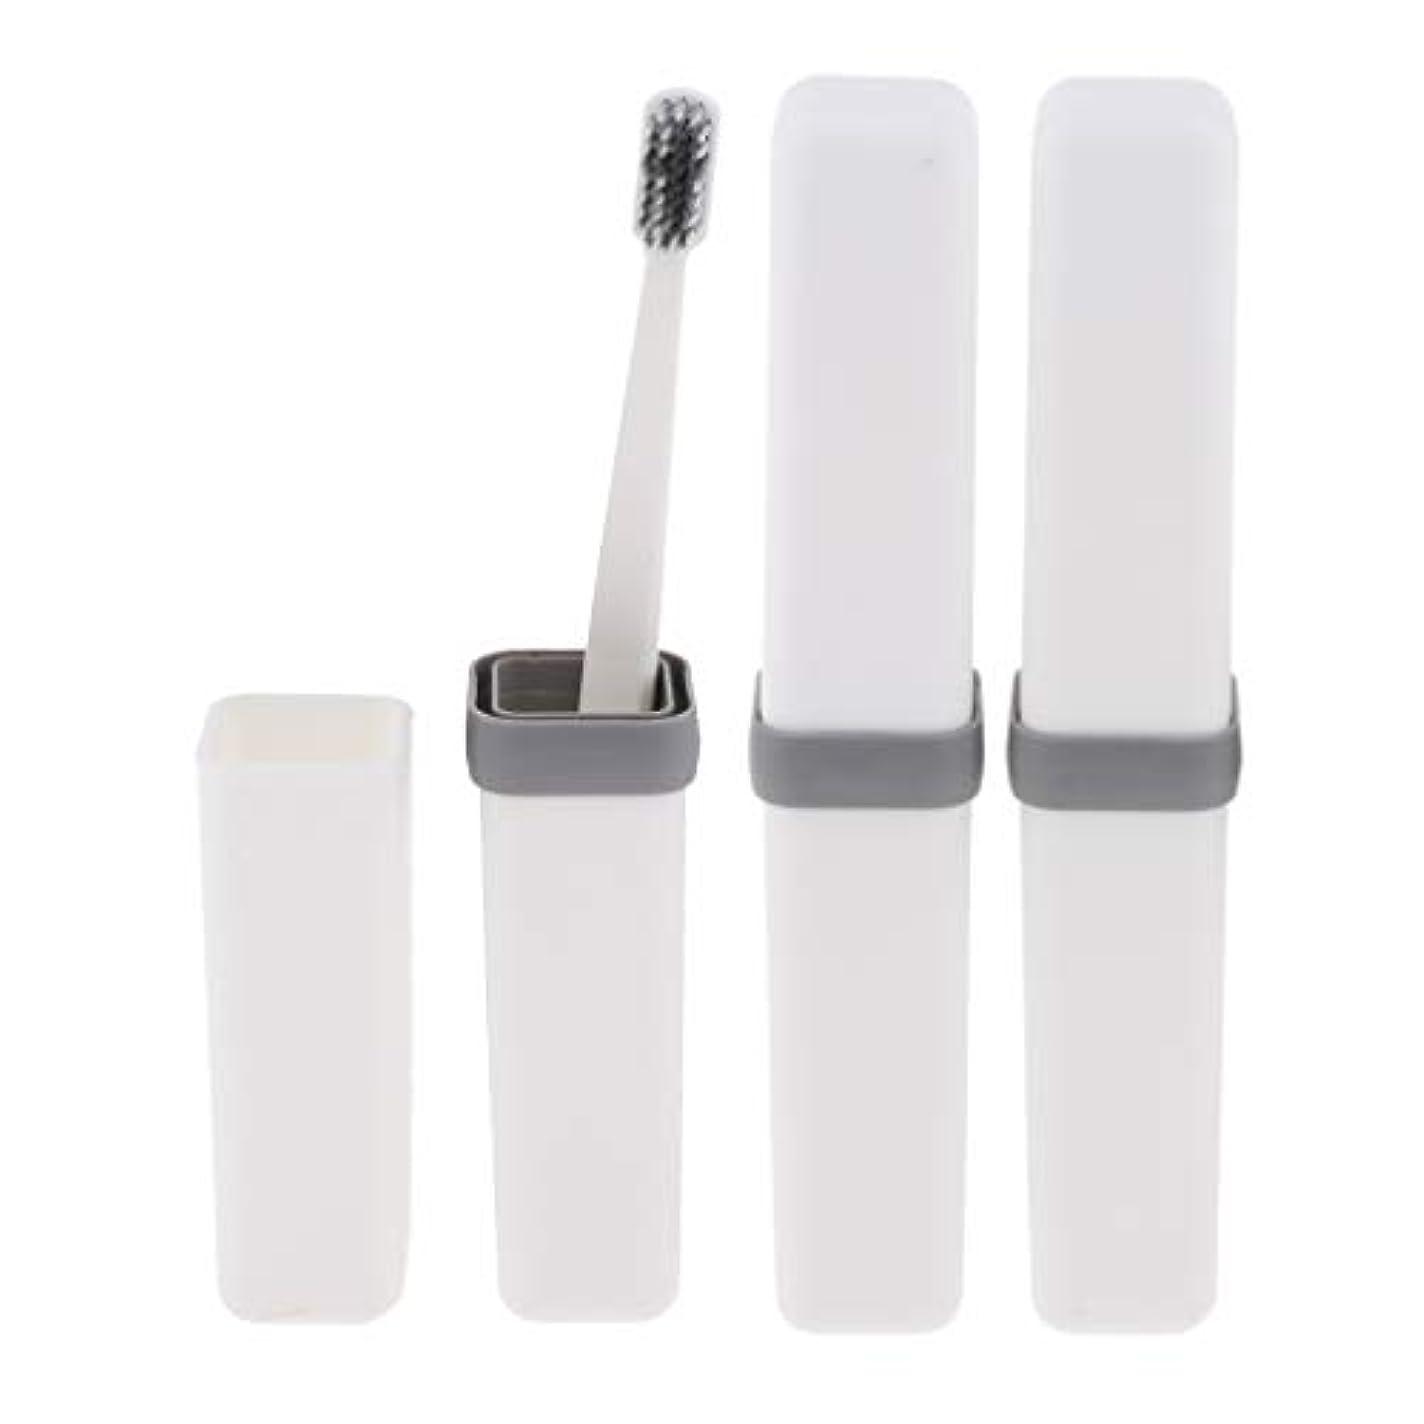 落とし穴放射する確かなFenteer 歯ブラシ 歯磨き 歯清潔 収納ボックス付 旅行 キャンプ 学校 軽量 携帯 実用的 3個 全4色 - 白